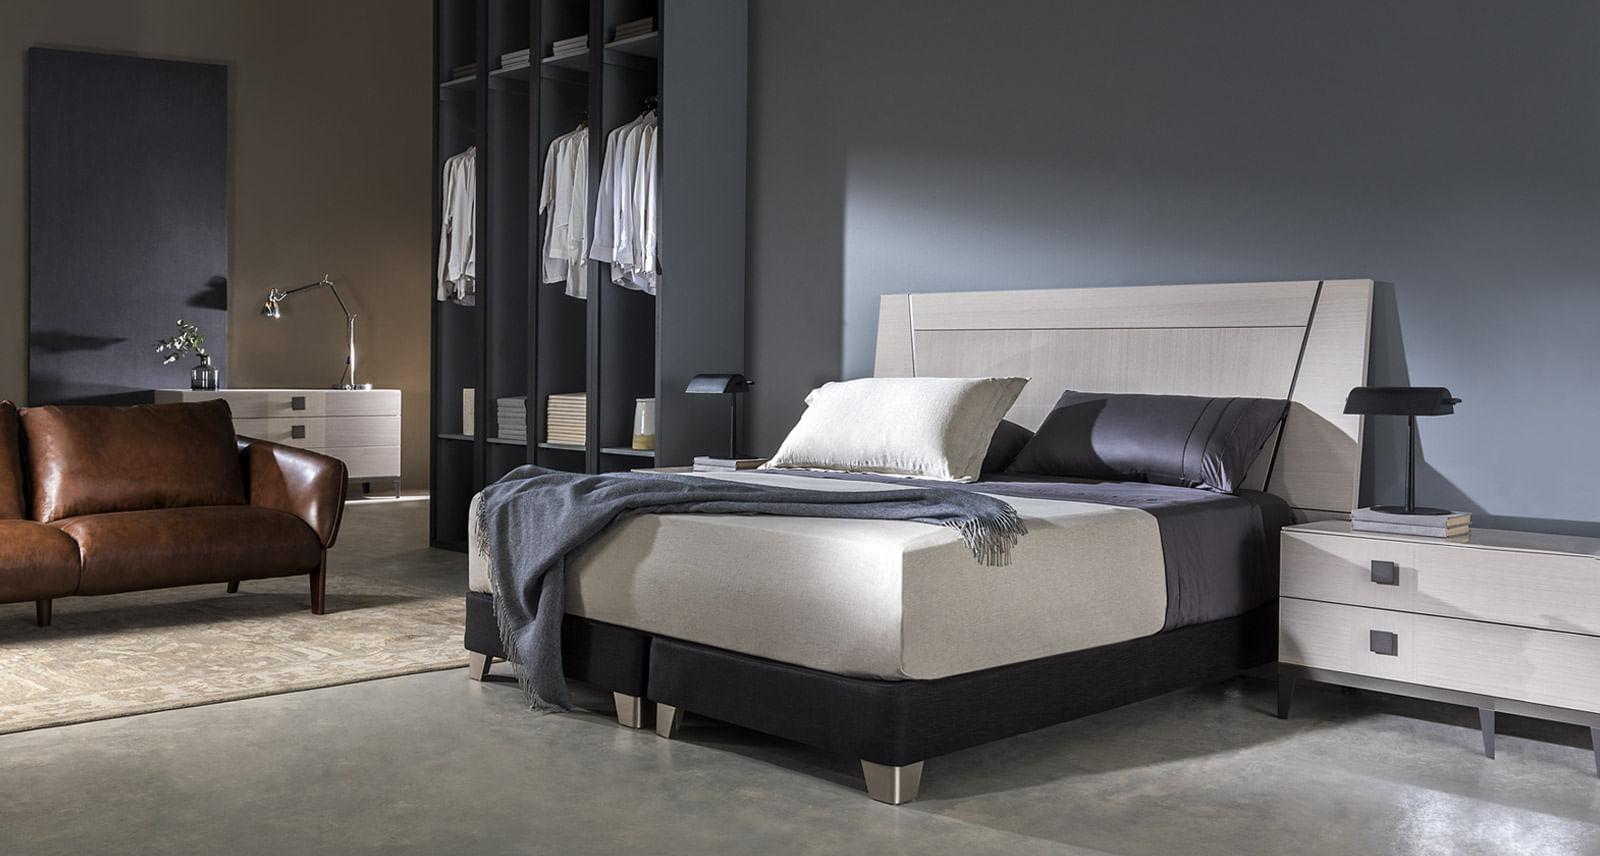 Dormitorio Colchones Box Tarima Muebles Y M S Rosen Per